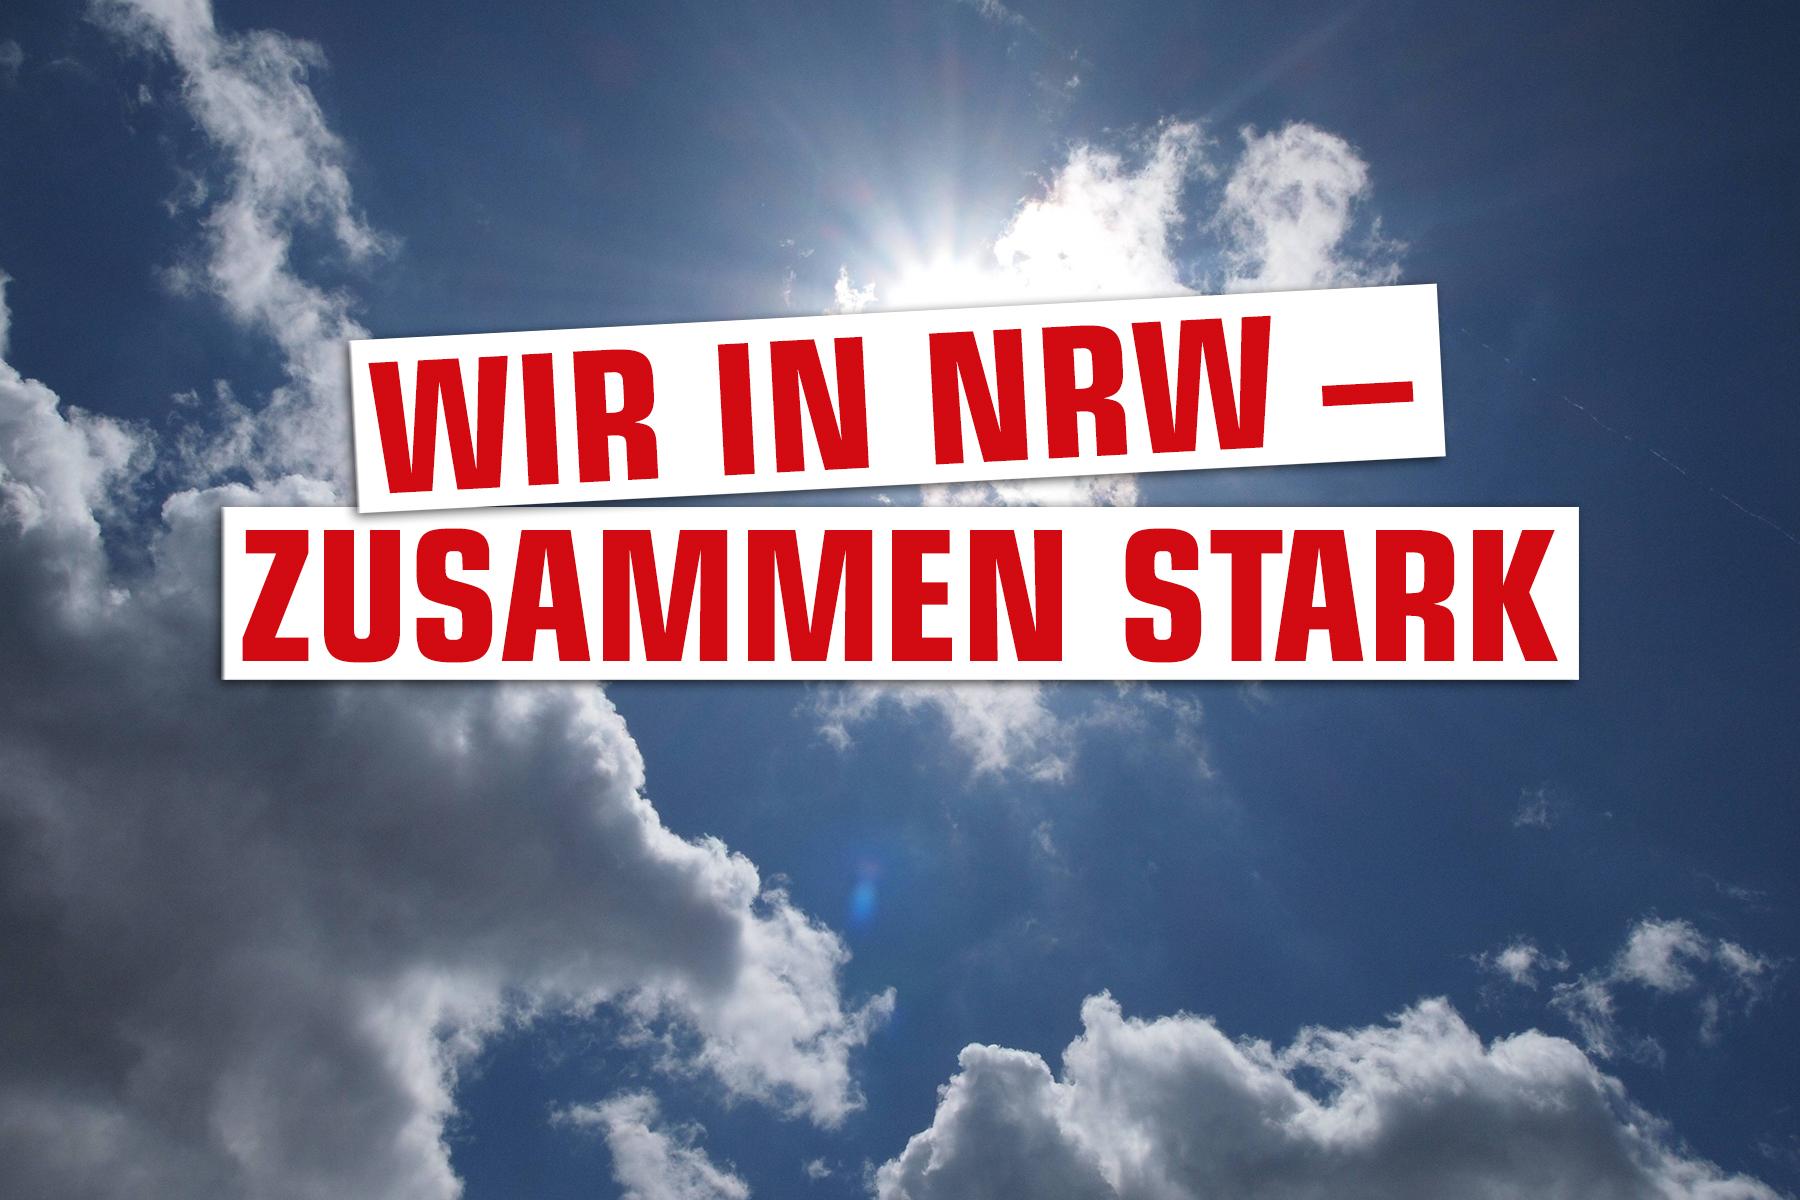 Wir in NRW-Motiv